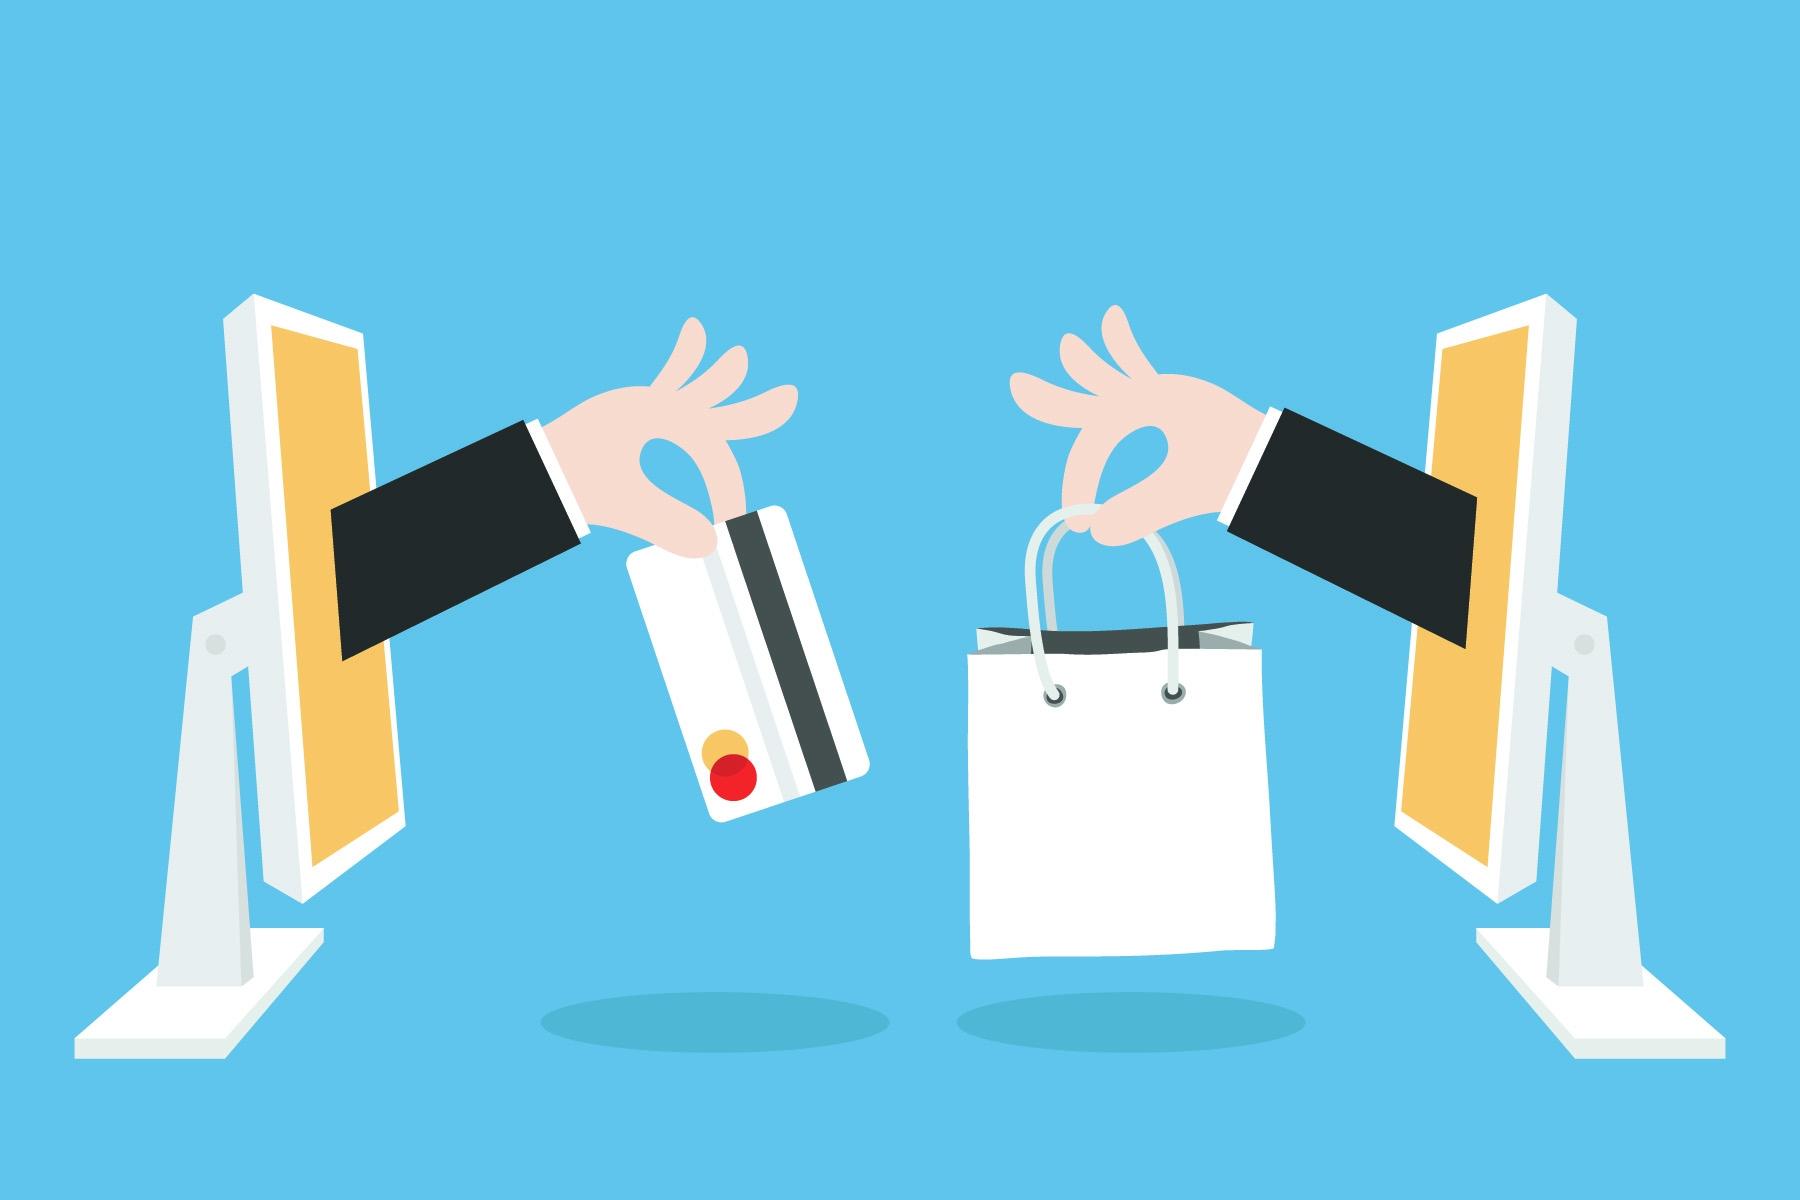 de0f205ccc2338 O decreto 7962/2013 : A nova lei do e-consumidor e os seus impactos ...